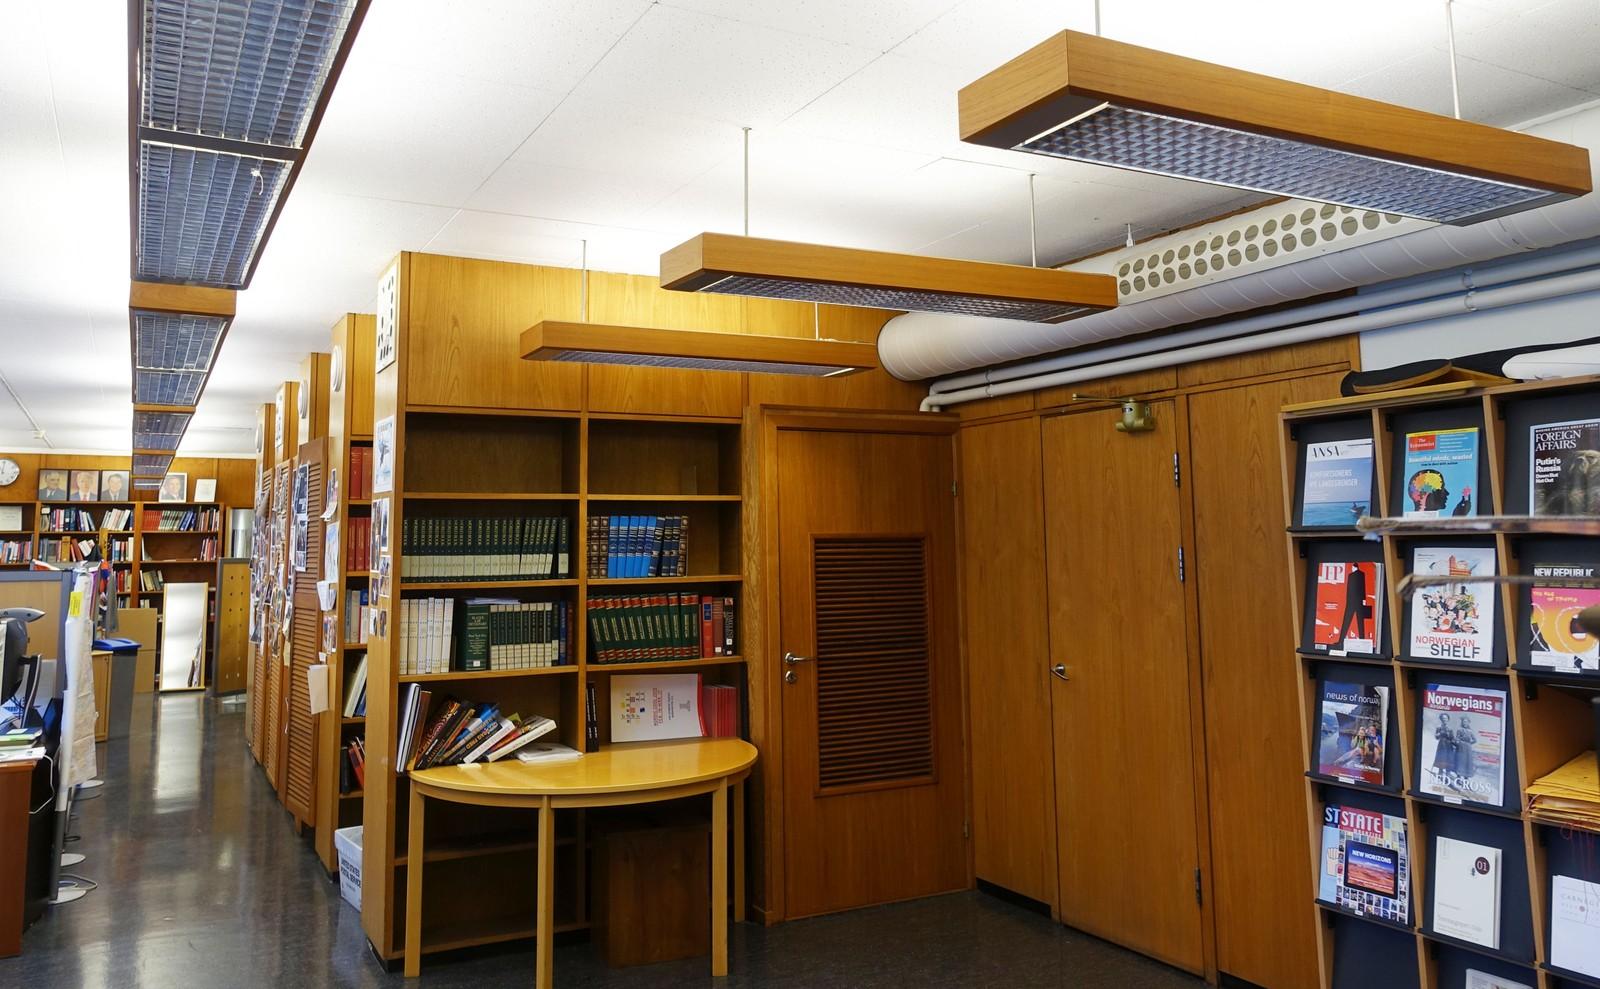 Nå er biblioteket og alle bøkene borte. Dette har nå blitt kontorlokaler, men reolene og lampene er bevart og vil trolig bli fredet.